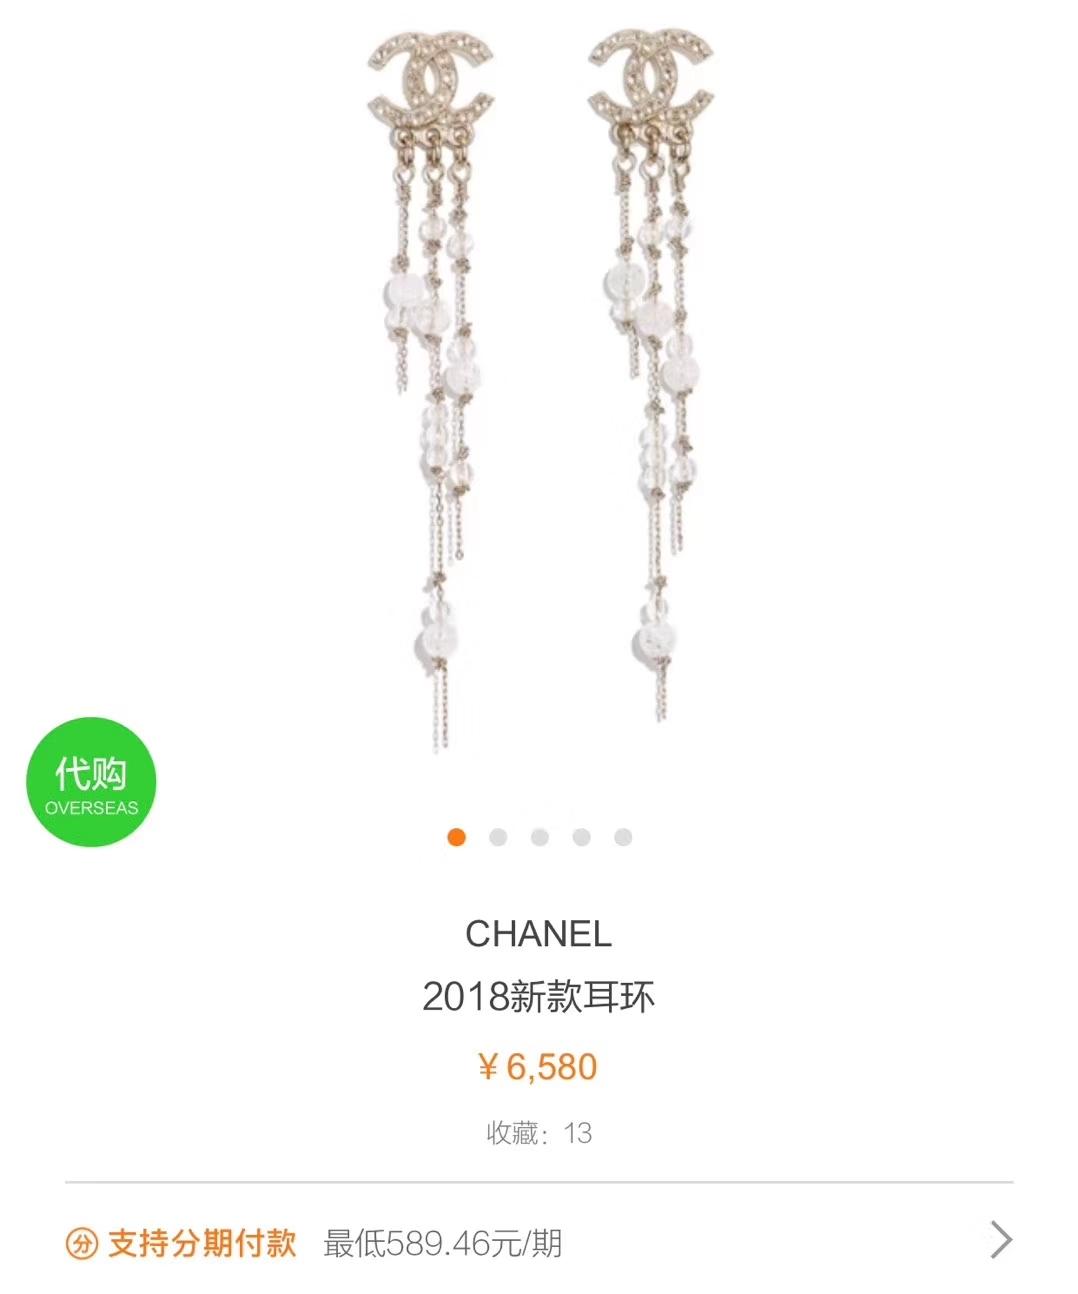 小香高品质代购级别官网新款Chane